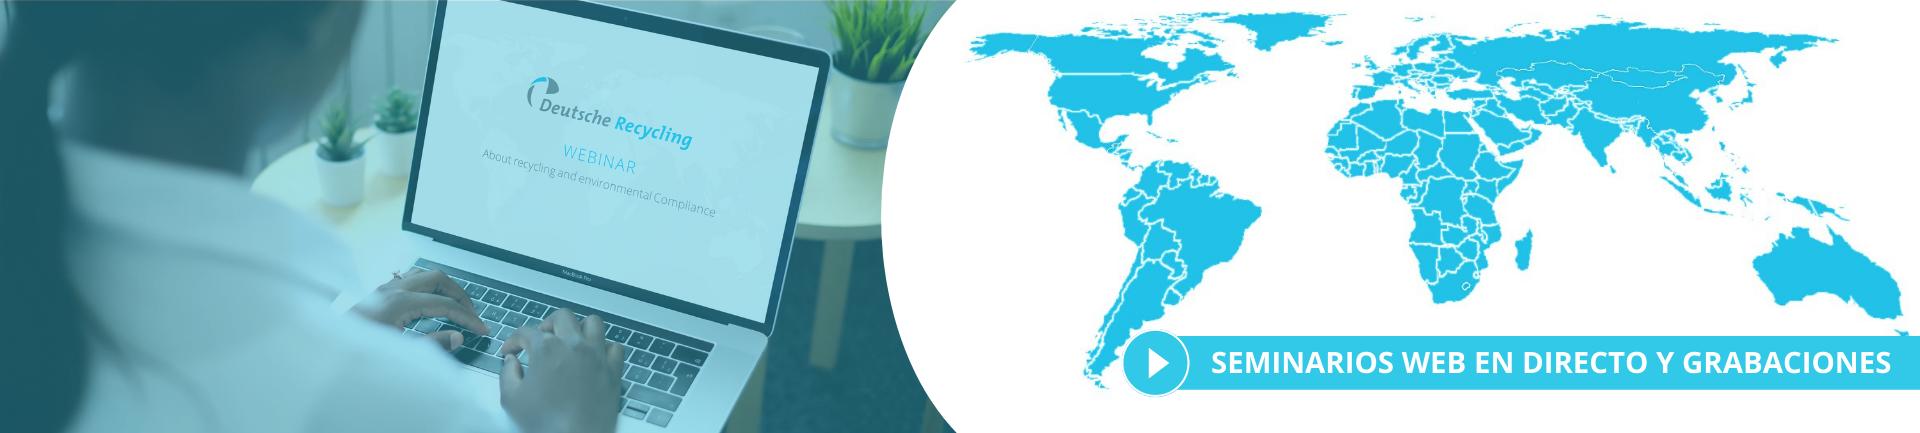 SEMINARIOS WEB EN DIRECTO Y GRABACIONES_ES